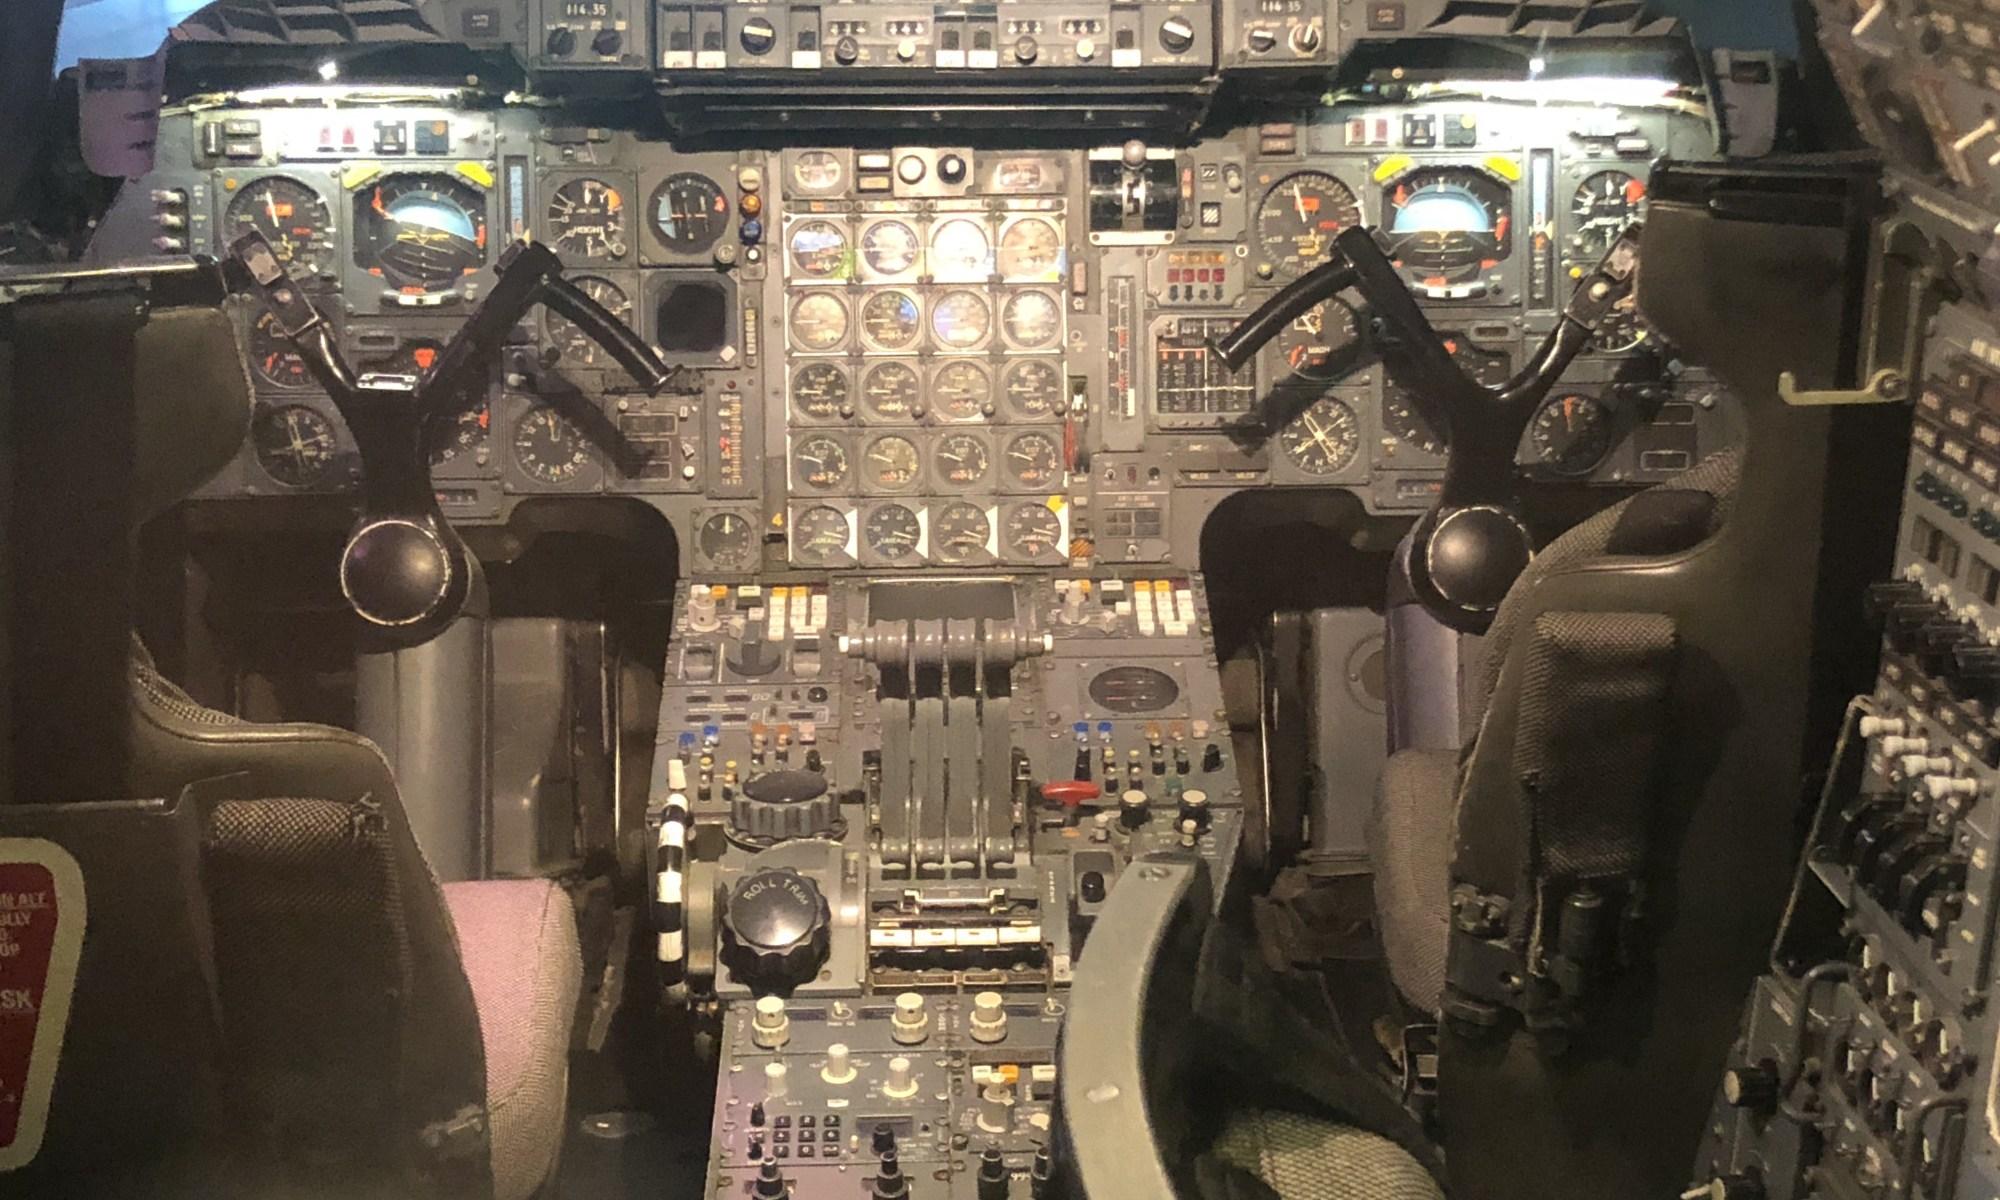 Flight Deck of Concorde